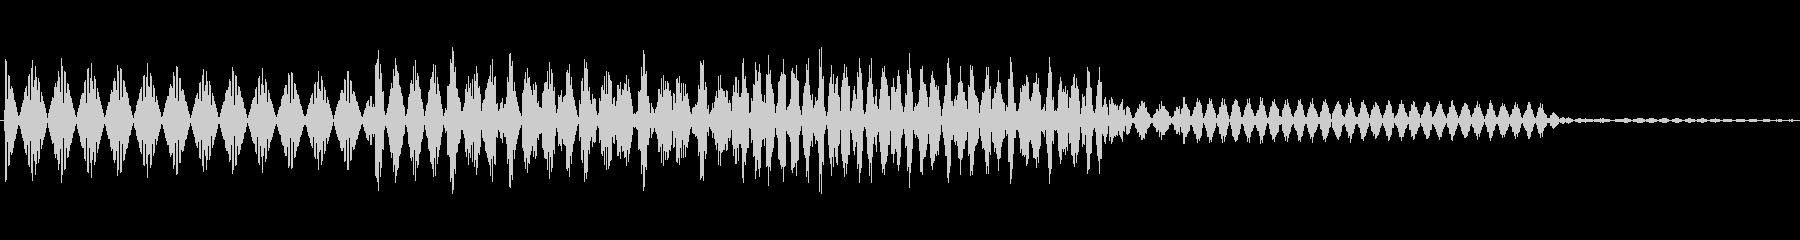 ボタン決定音システム選択タッチ登録C06の未再生の波形